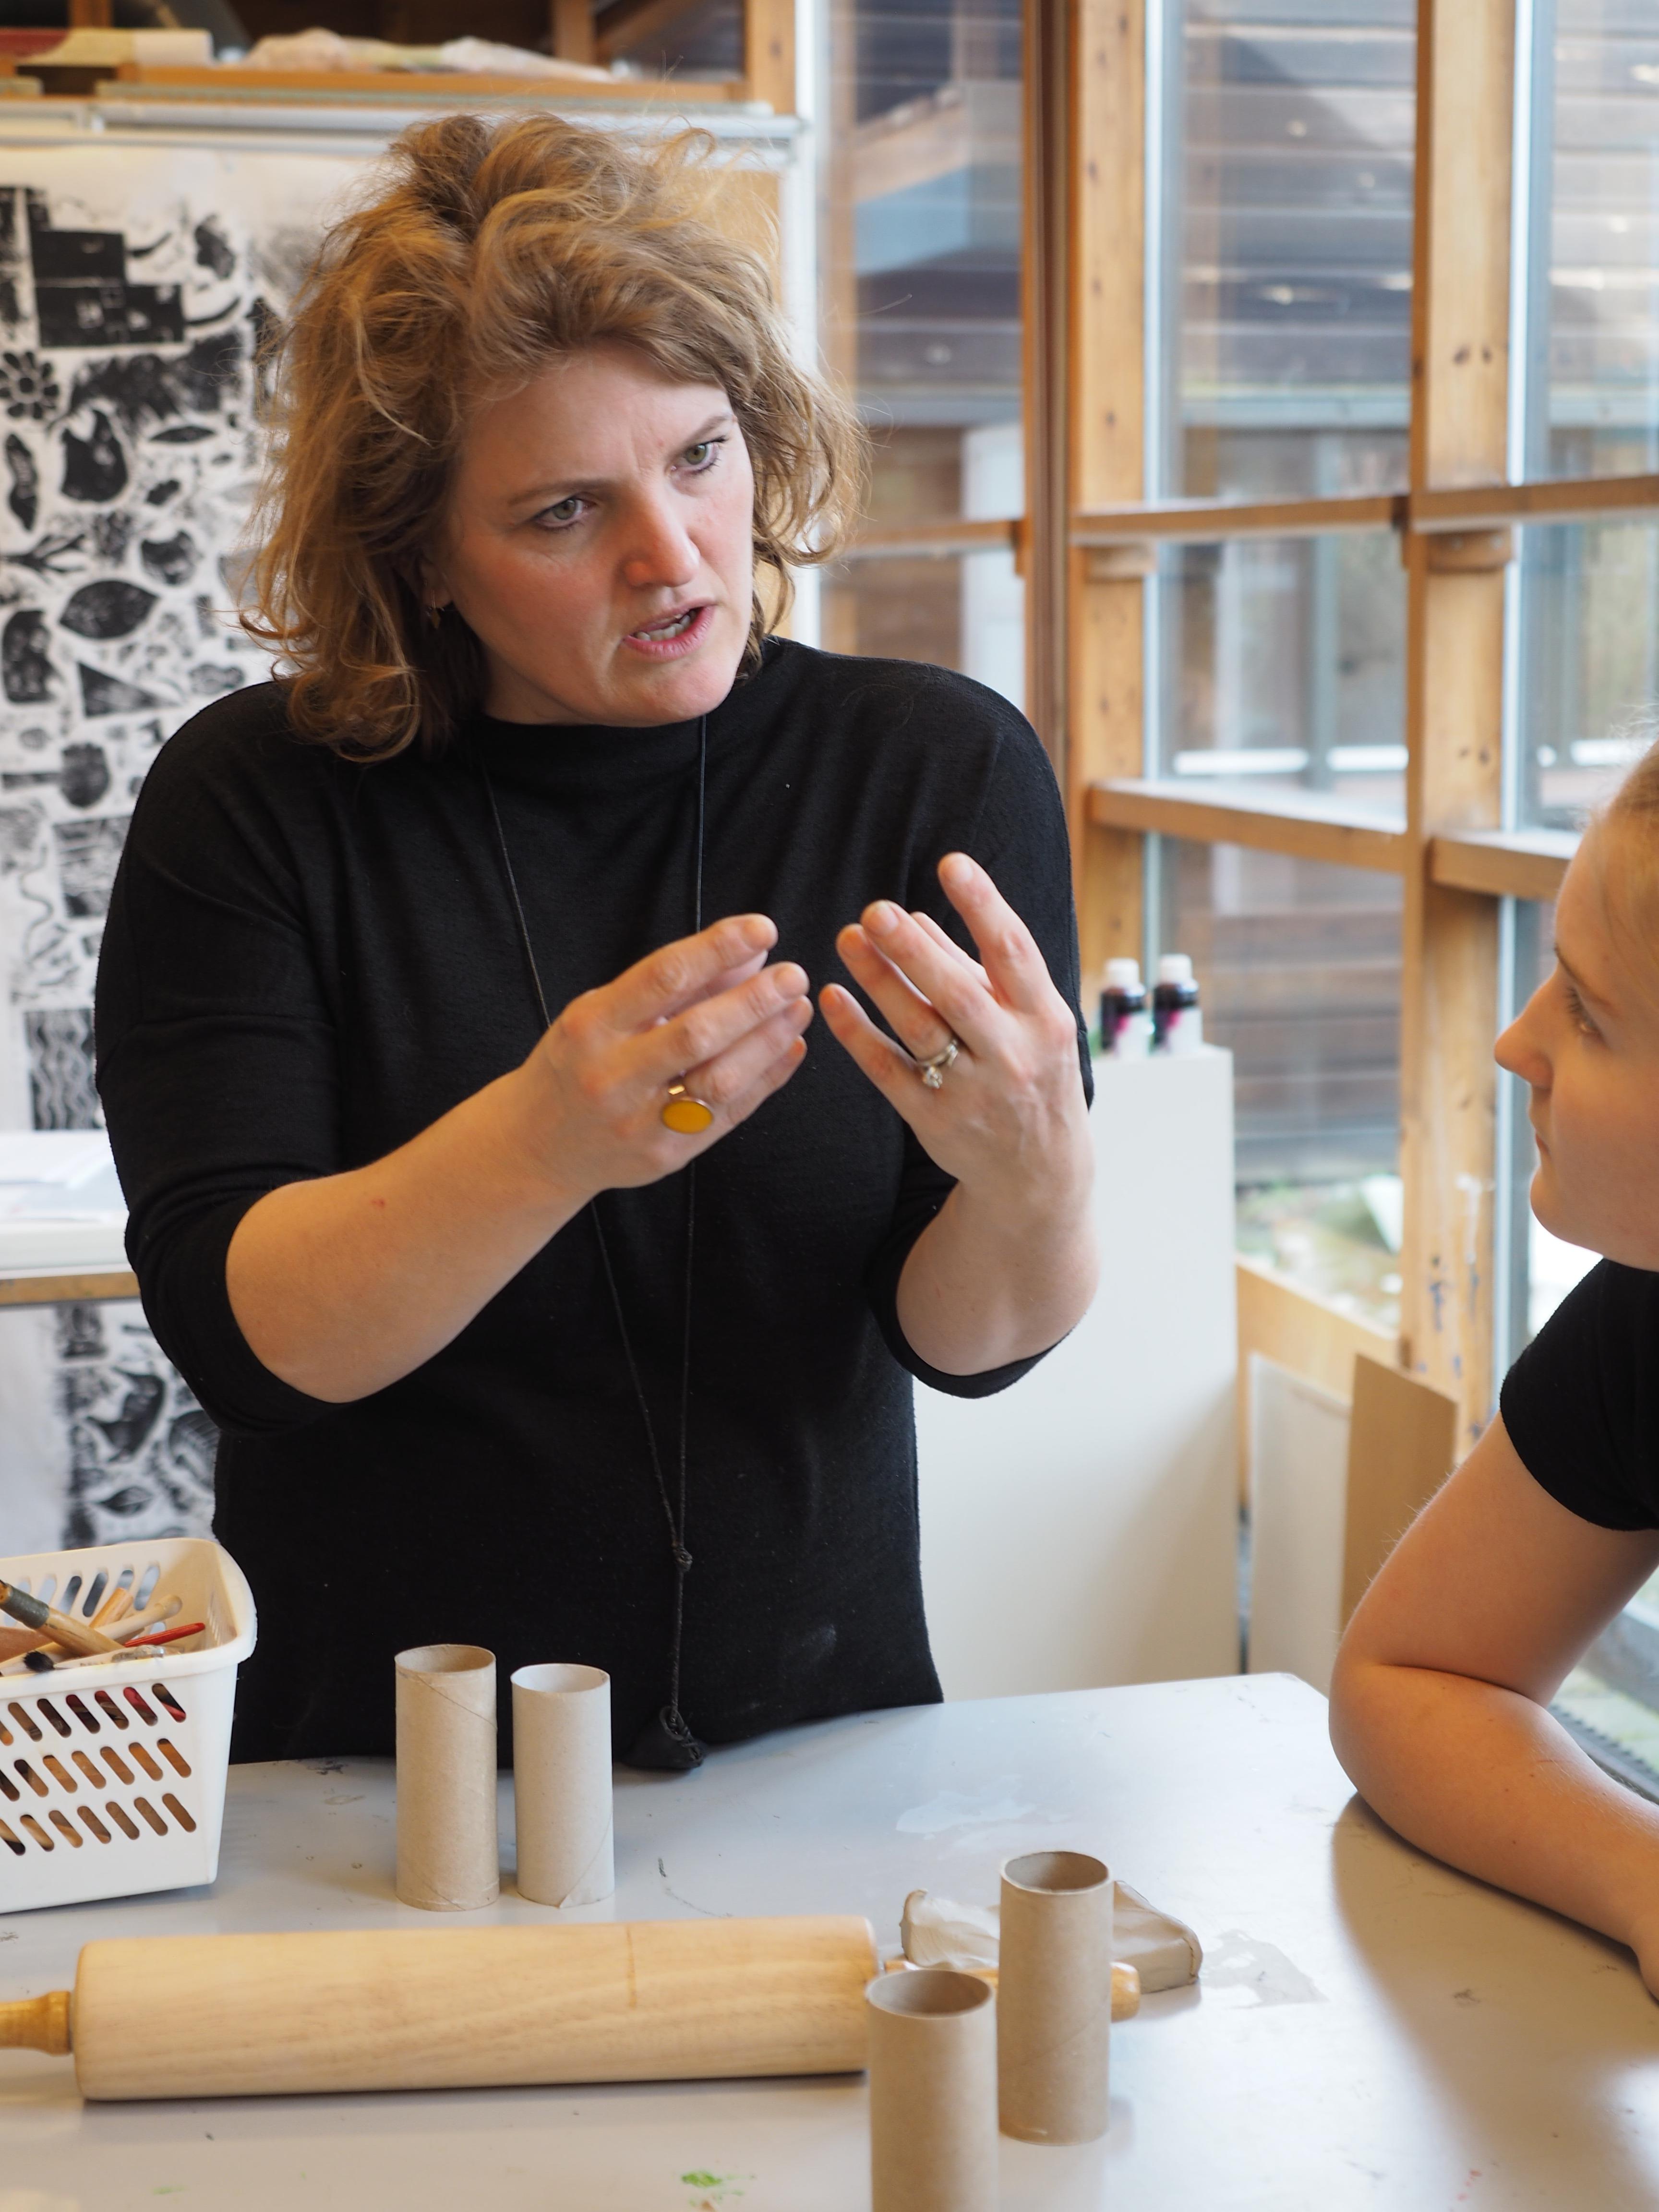 Keramik i håndværk & design - en introduktion til brug af keramik i faget fra 3. til 8. klasse